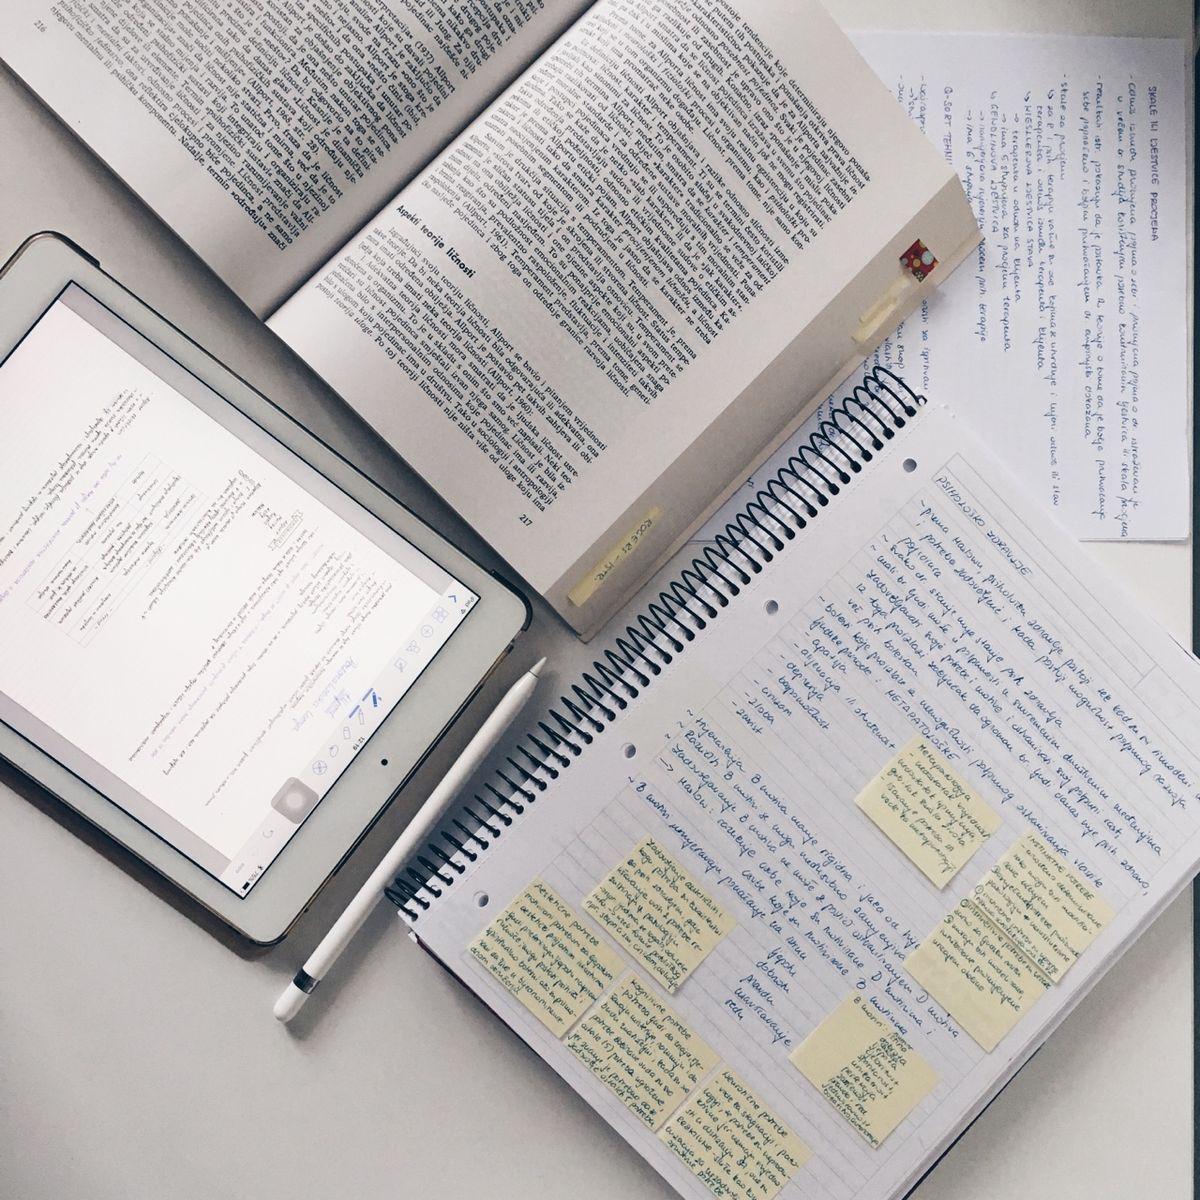 Study Motivation — study-habit: • I swear it was friday like 5... {Hilfe im Studium|Damit dein Studium ein Erfolg wird|Mit der richtigen Technik studieren|Studienerfolg ist planbar|Mit Leichtigkeit studieren|Prüfungen bestehen} mit ZENTRAL-lernen. {Kostenloser Lerntypen-Test!| |e-learning|LernCoaching|Lerntraining} #aestheticnotes